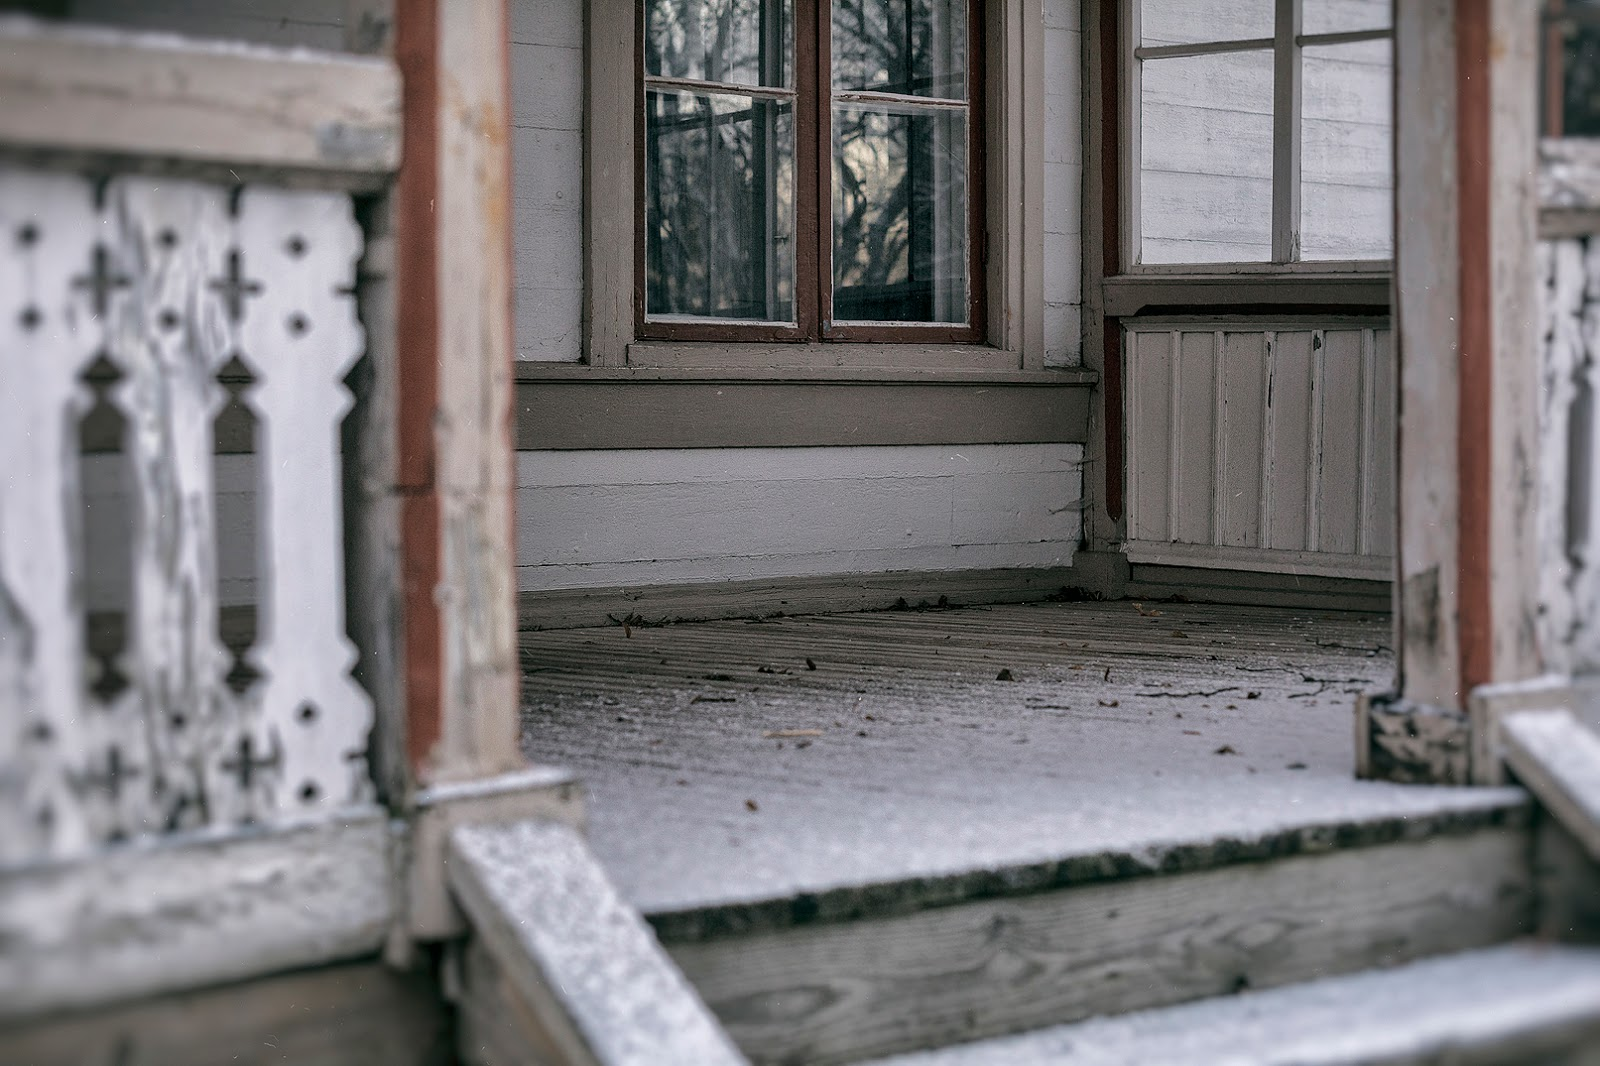 Seurasaari, Helsinki, talvi, visithelsinki, vanha rakennus, valokuvaus, Visualaddict, photography, valokuvaaja, Frida Steiner, winter, Finland